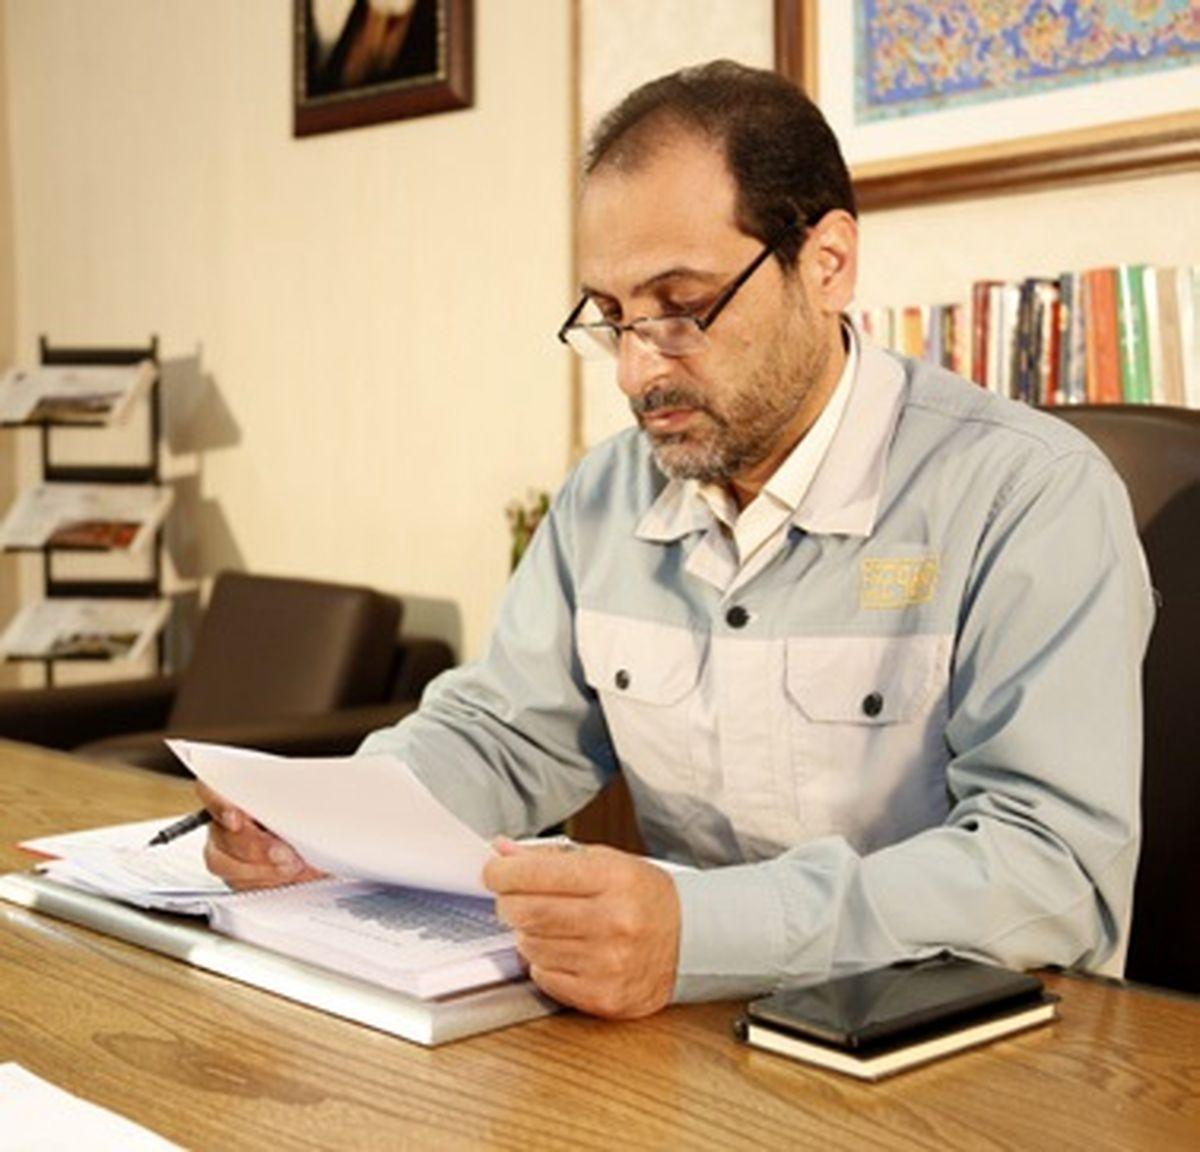 مدير روابط عمومي فولاد مباركه در يادداشتي به مناسبت روز خبرنگار عنوان كرد: ديده بانان جامعه، تصويرگران زندگي